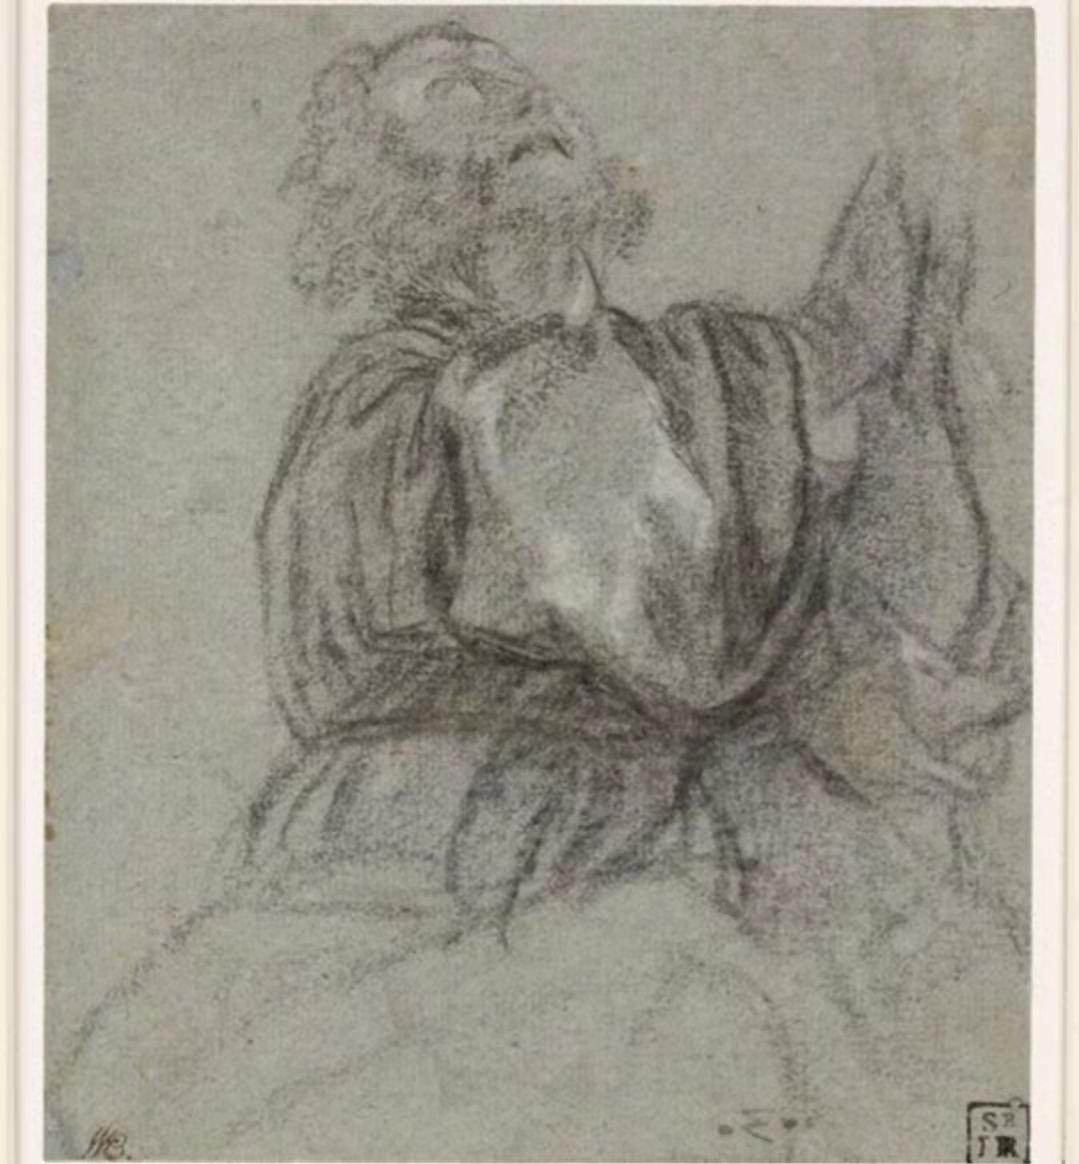 提香·韦切利奥,(简称提香约1488/90至1576年)的《着衣男子习作》(约1516年)